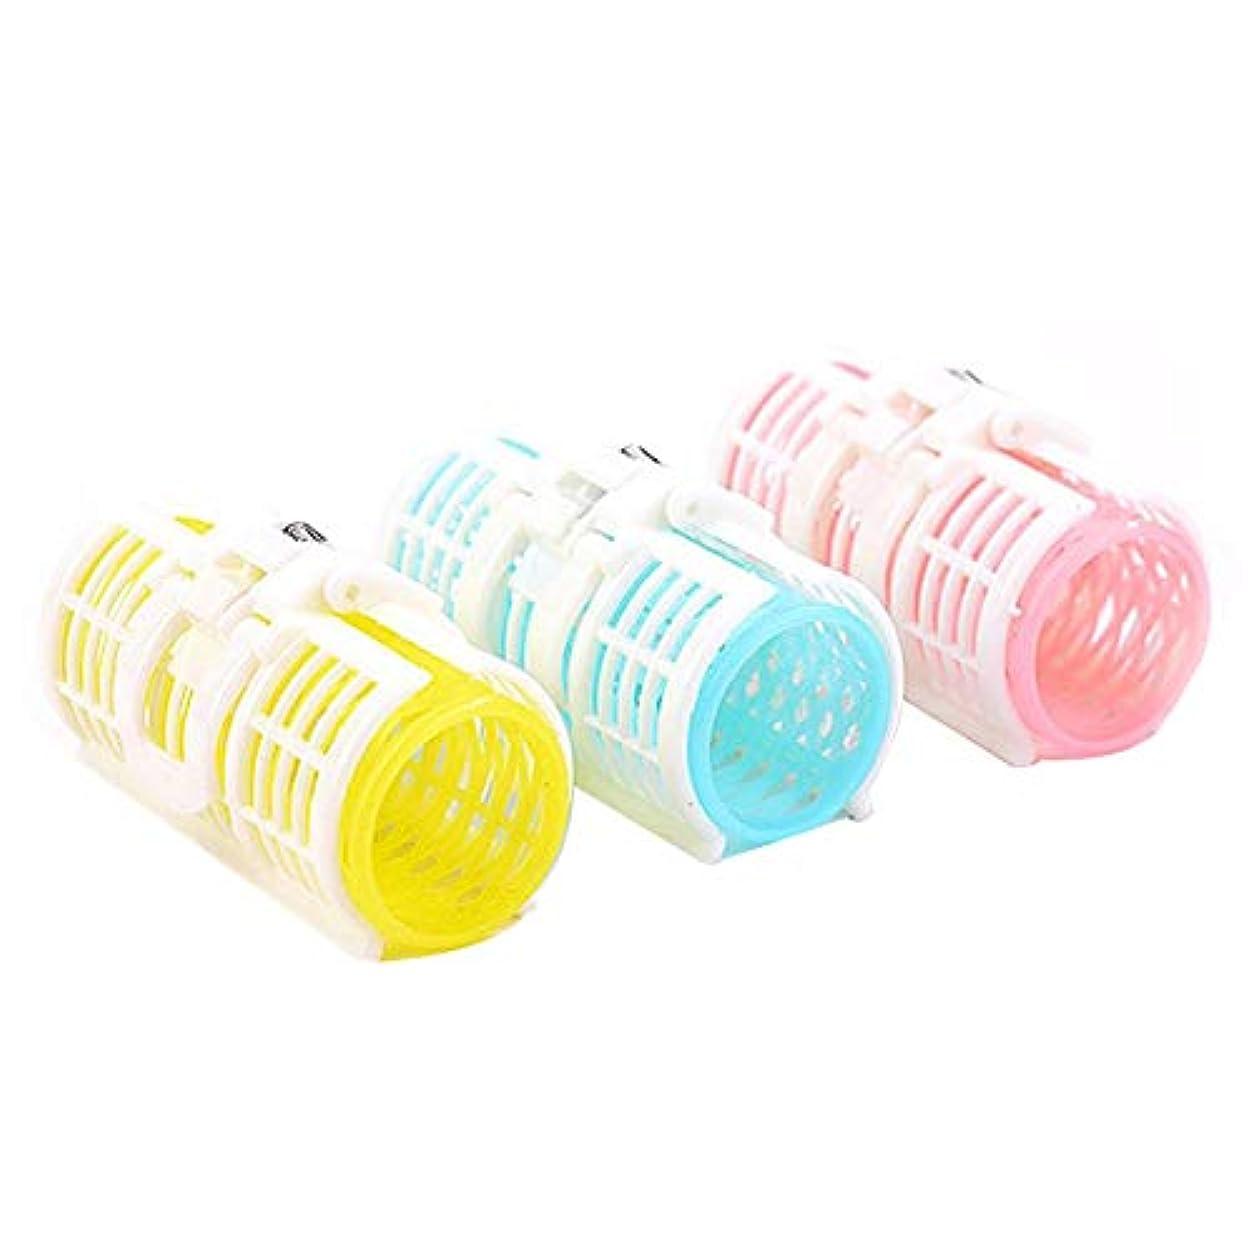 雑品有能なジュース小さなプラスチック製のクリップヘアケア製品の持続可能な利用3の巻き毛カールツールロール爆発